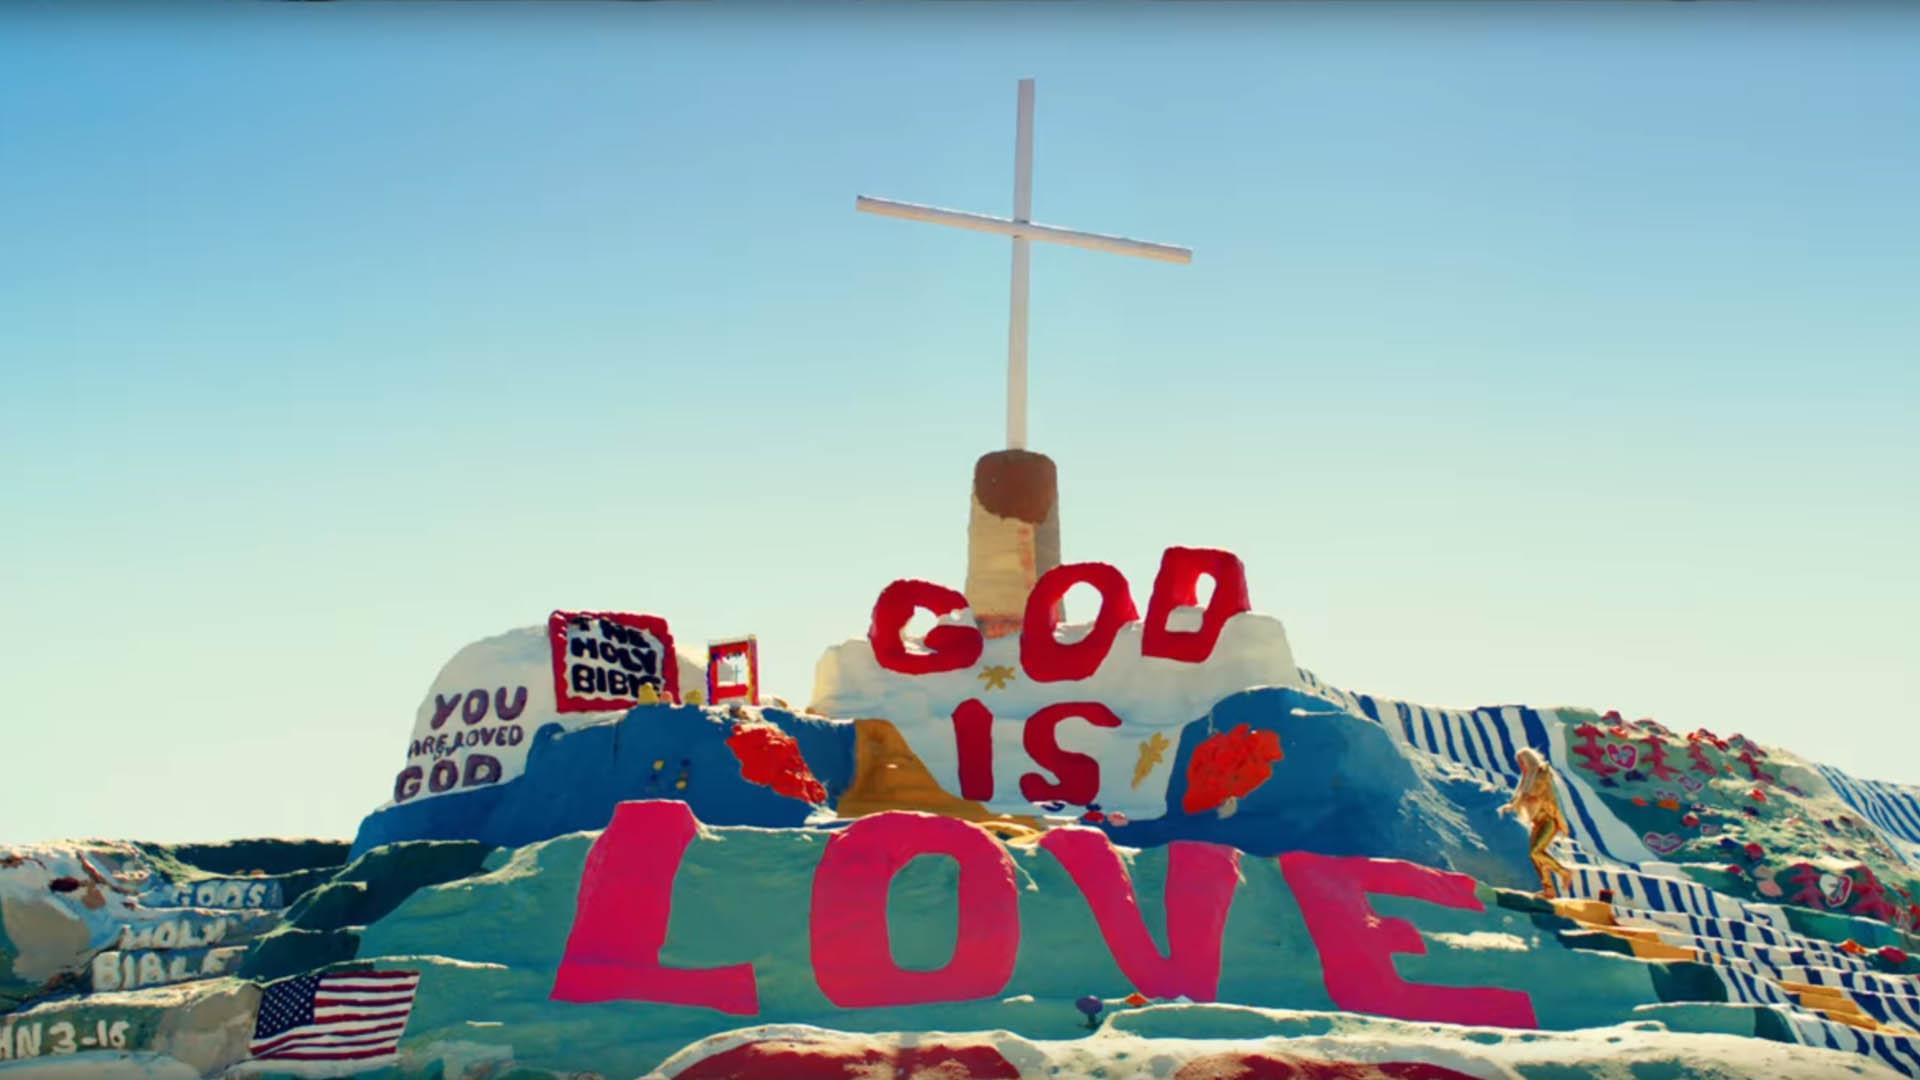 Das neue Musikvideo der US-Sängerin Kesha hat religiöse Anleihen